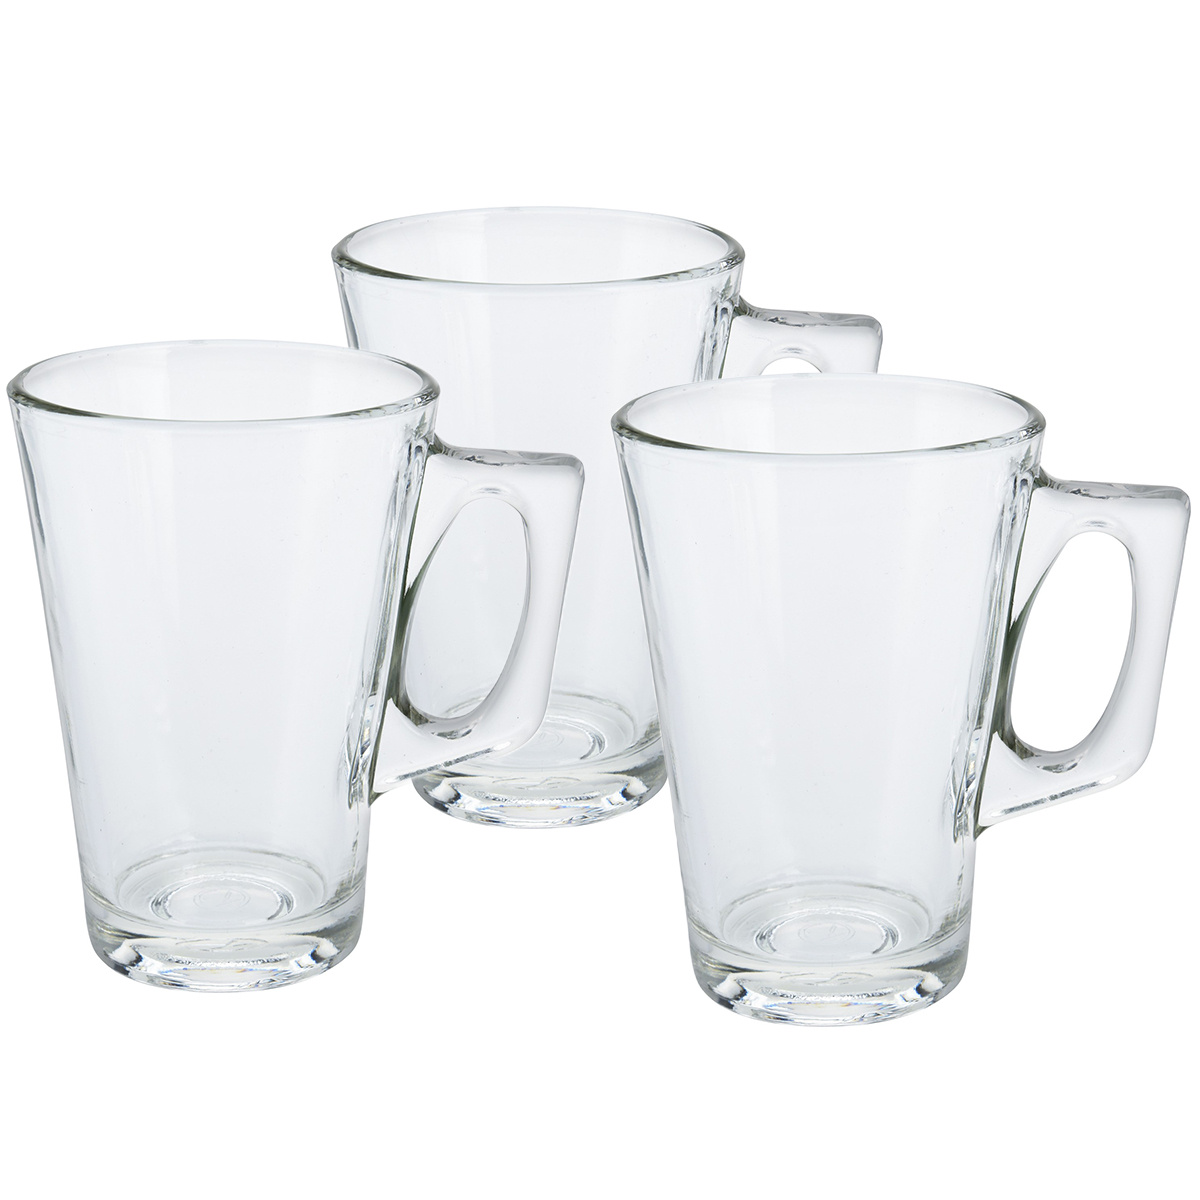 Koopman Sada pohárov s uškom na kávu 250 ml, 3 ks